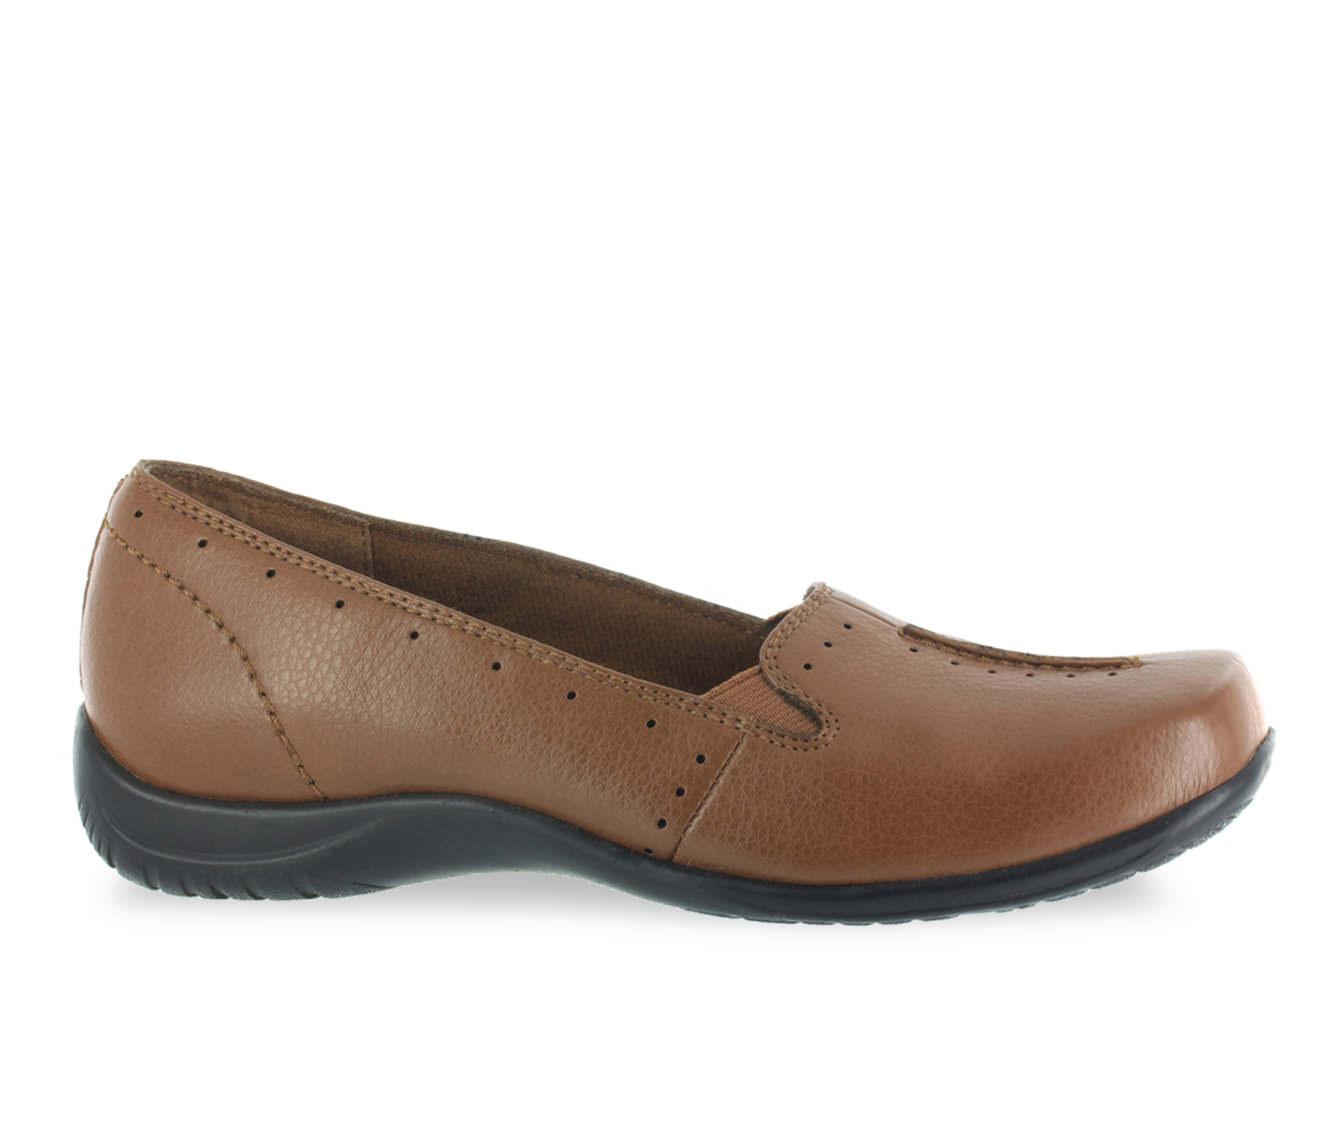 Easy Street Purpose Women's Shoe (Beige Faux Leather)